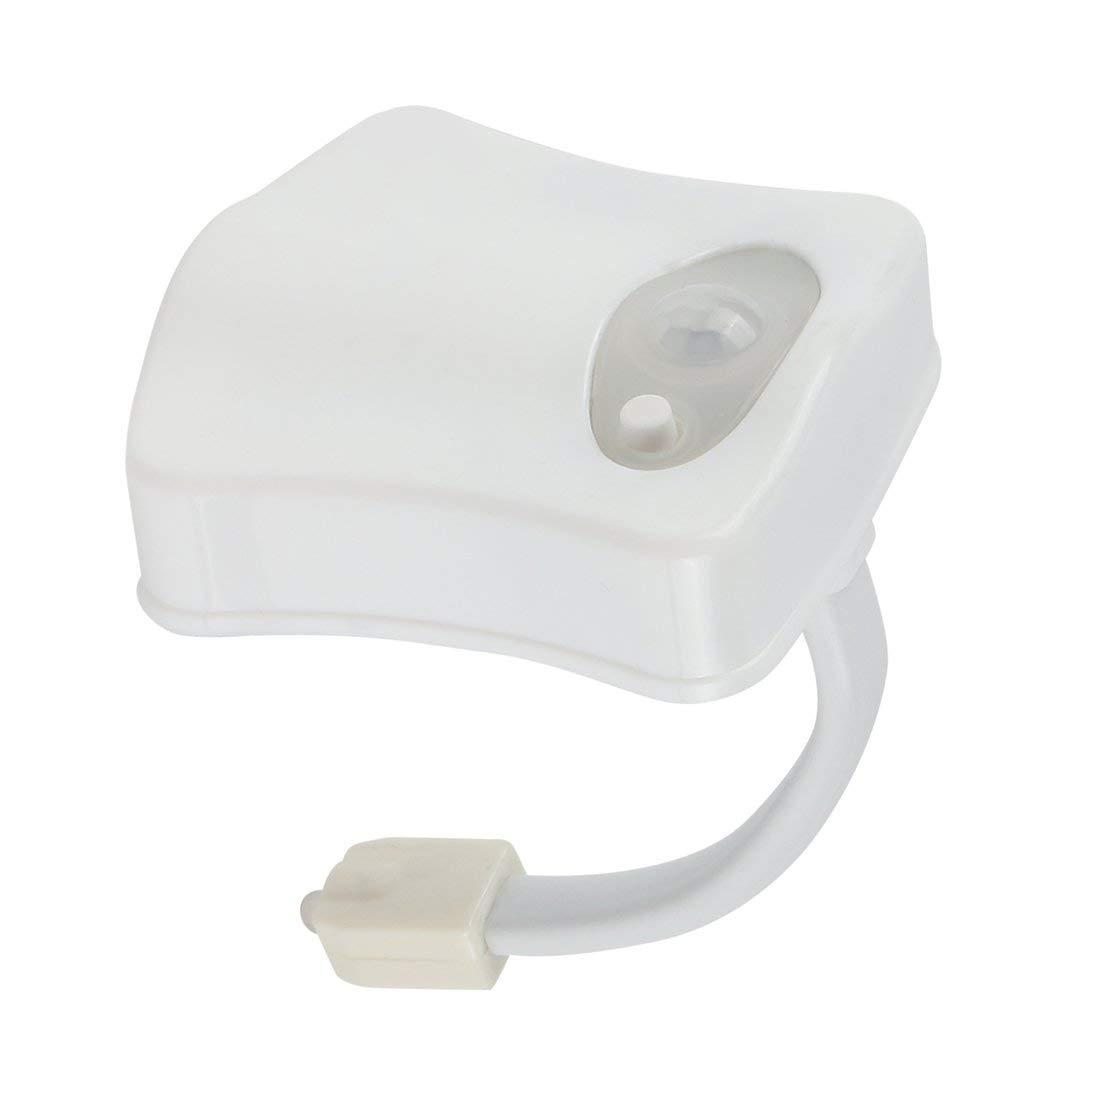 Smart LED Sensor de Movimiento Humano Ba/ño Activado Luz de Noche Ba/ño con 8 Colores L/ámpara de Asiento de Inodoro Sensor autom/ático Luz de Asiento ToGames-ES